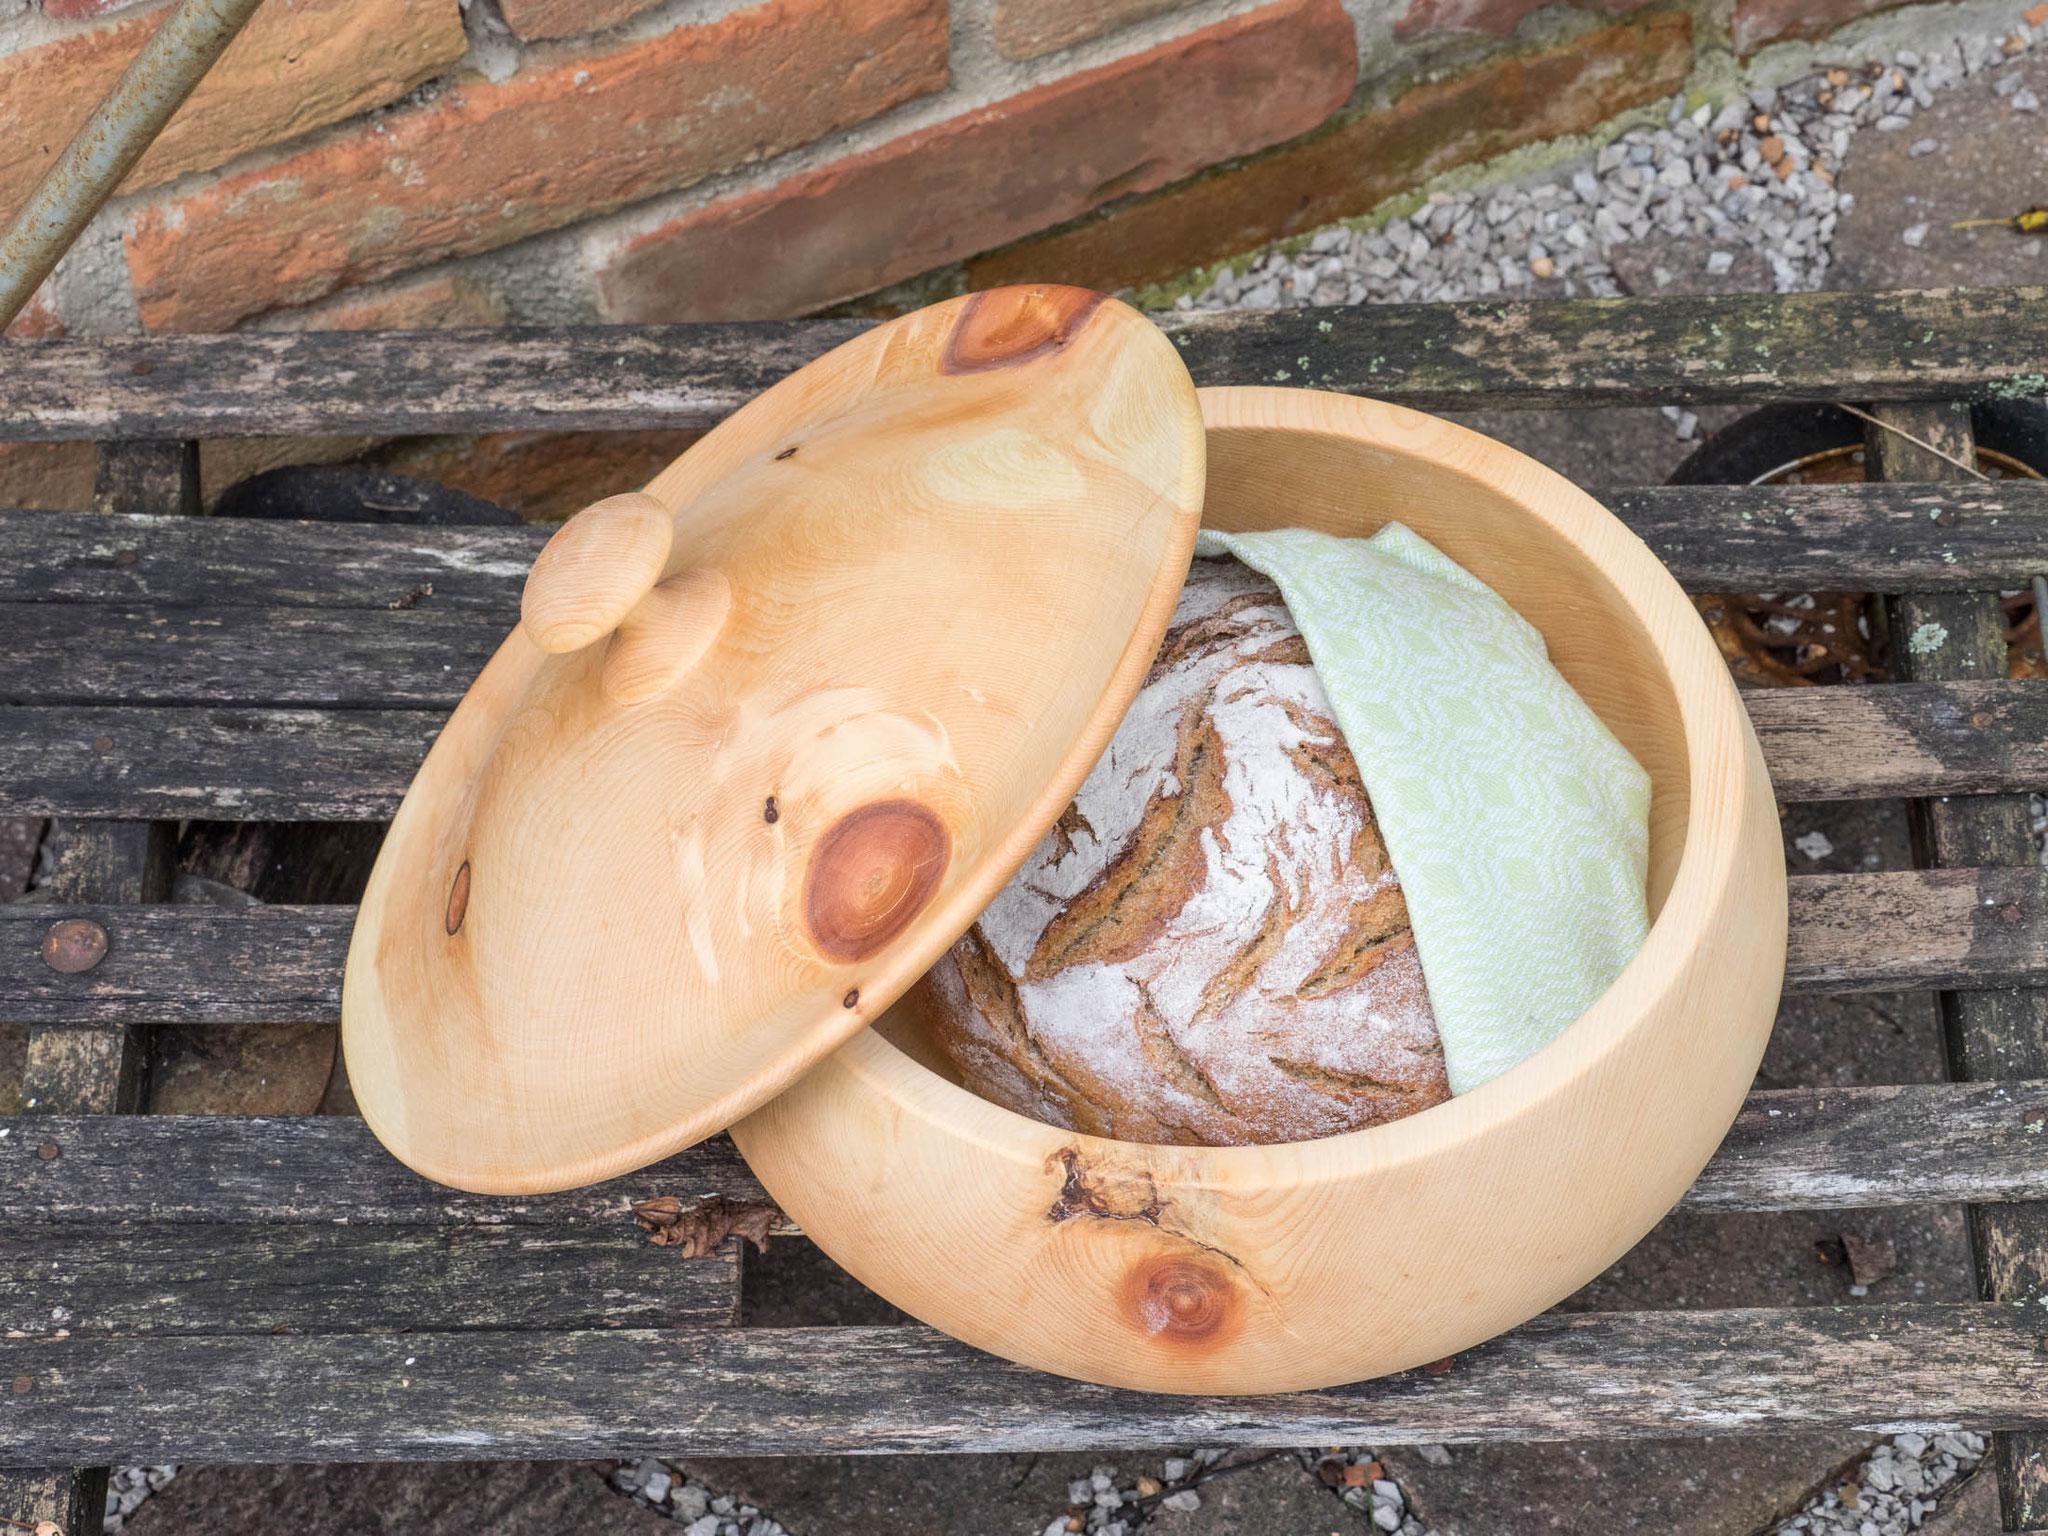 Der MANITA holz.liebe Tipp - Brot zusätzlich in einen Zwilch einwickeln